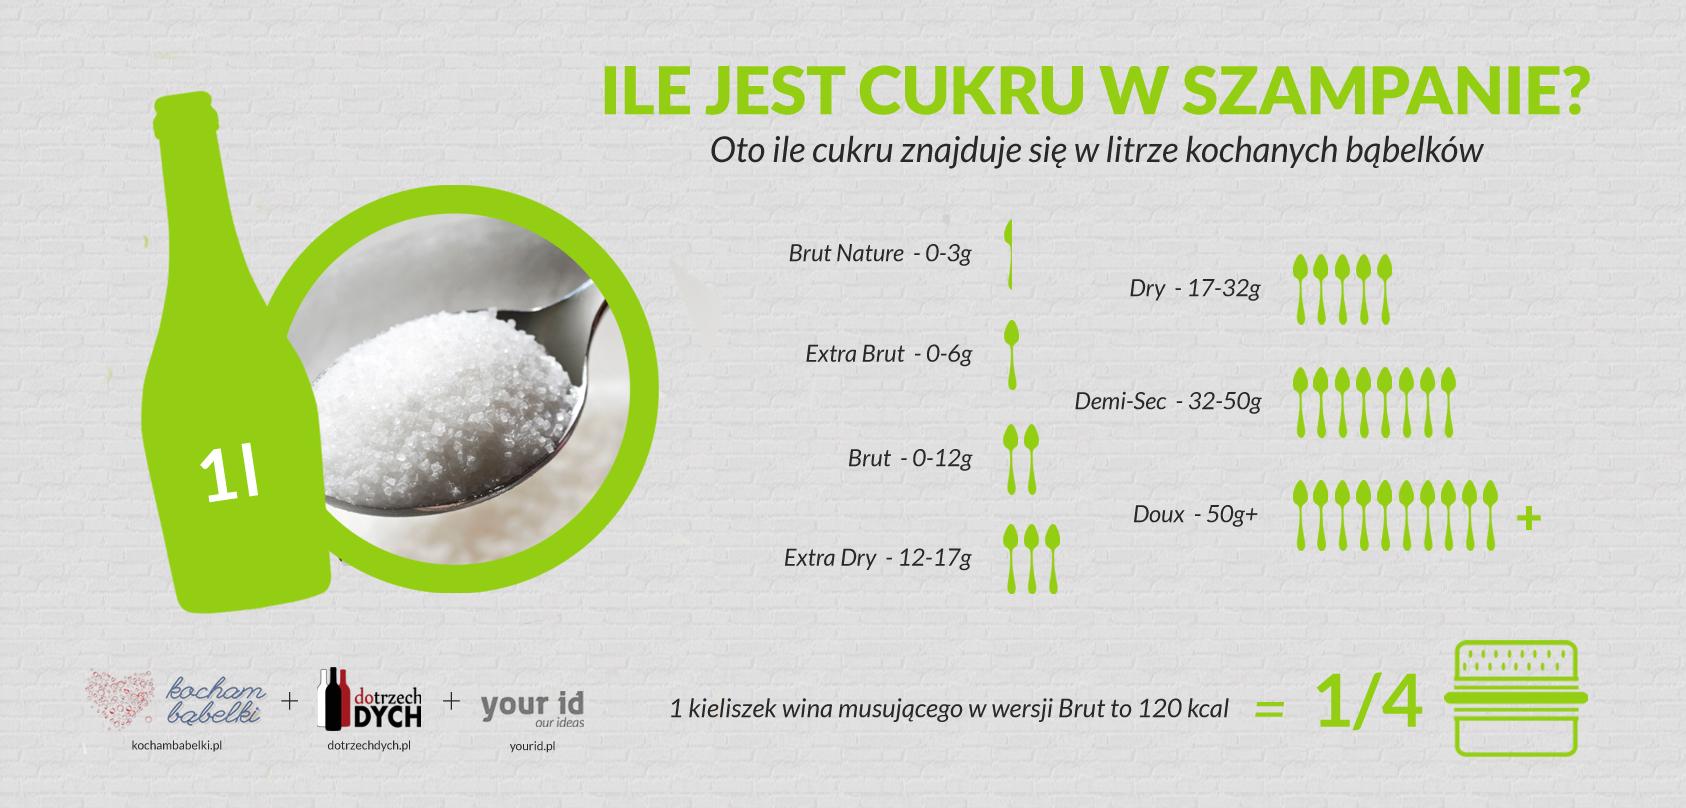 ilecukru_infografika_zdjecie2 (1)